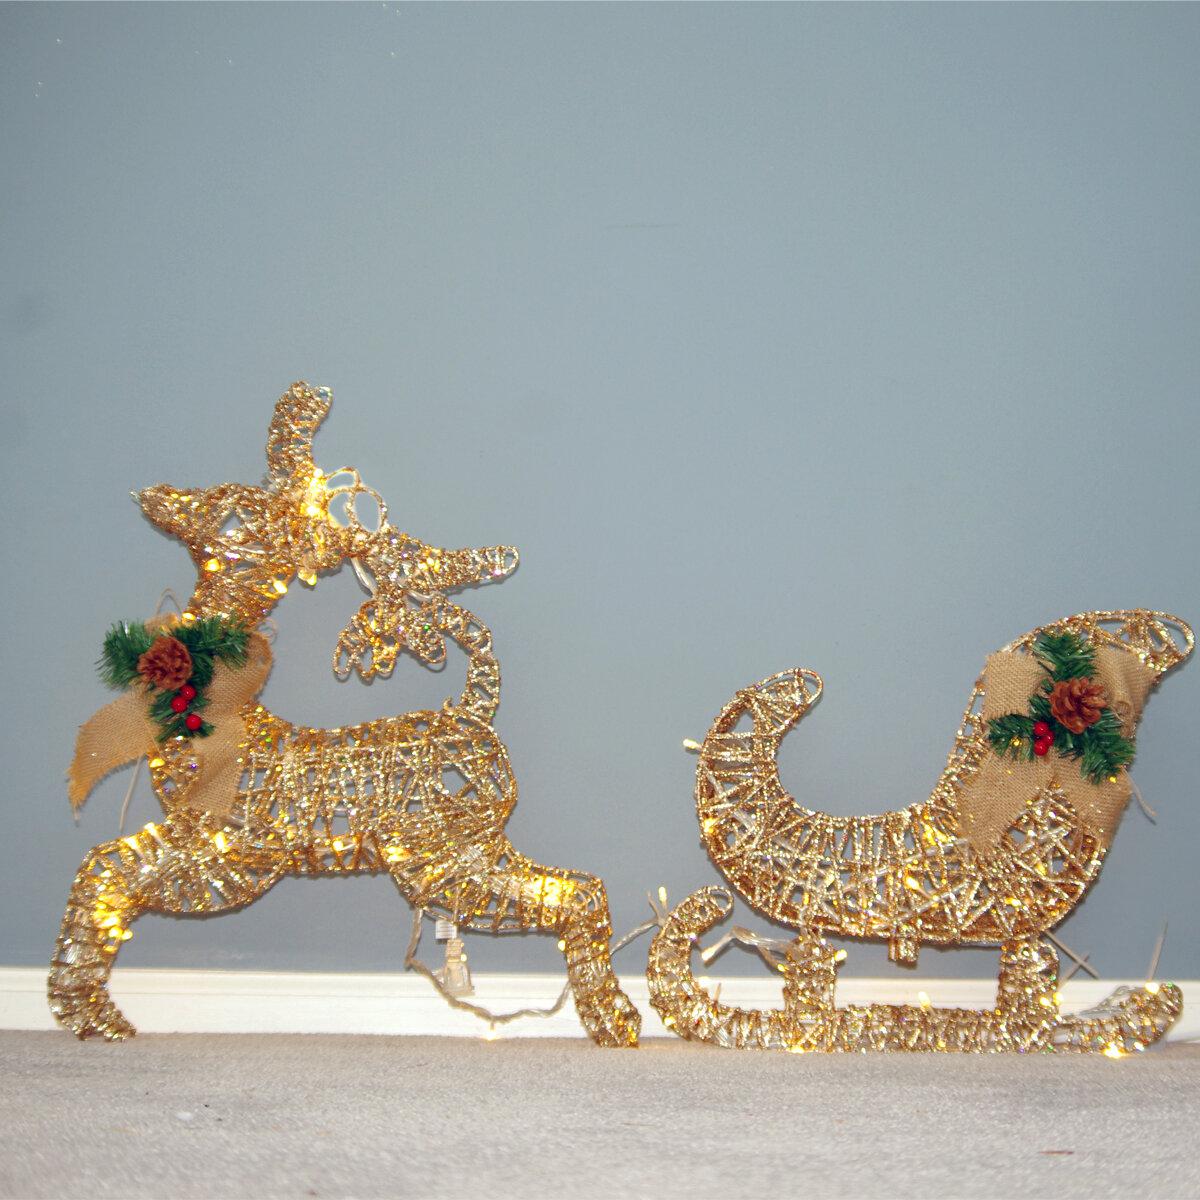 6aba9414b7 Christmas Pre-Lit LED Lighted Deer and Sleigh